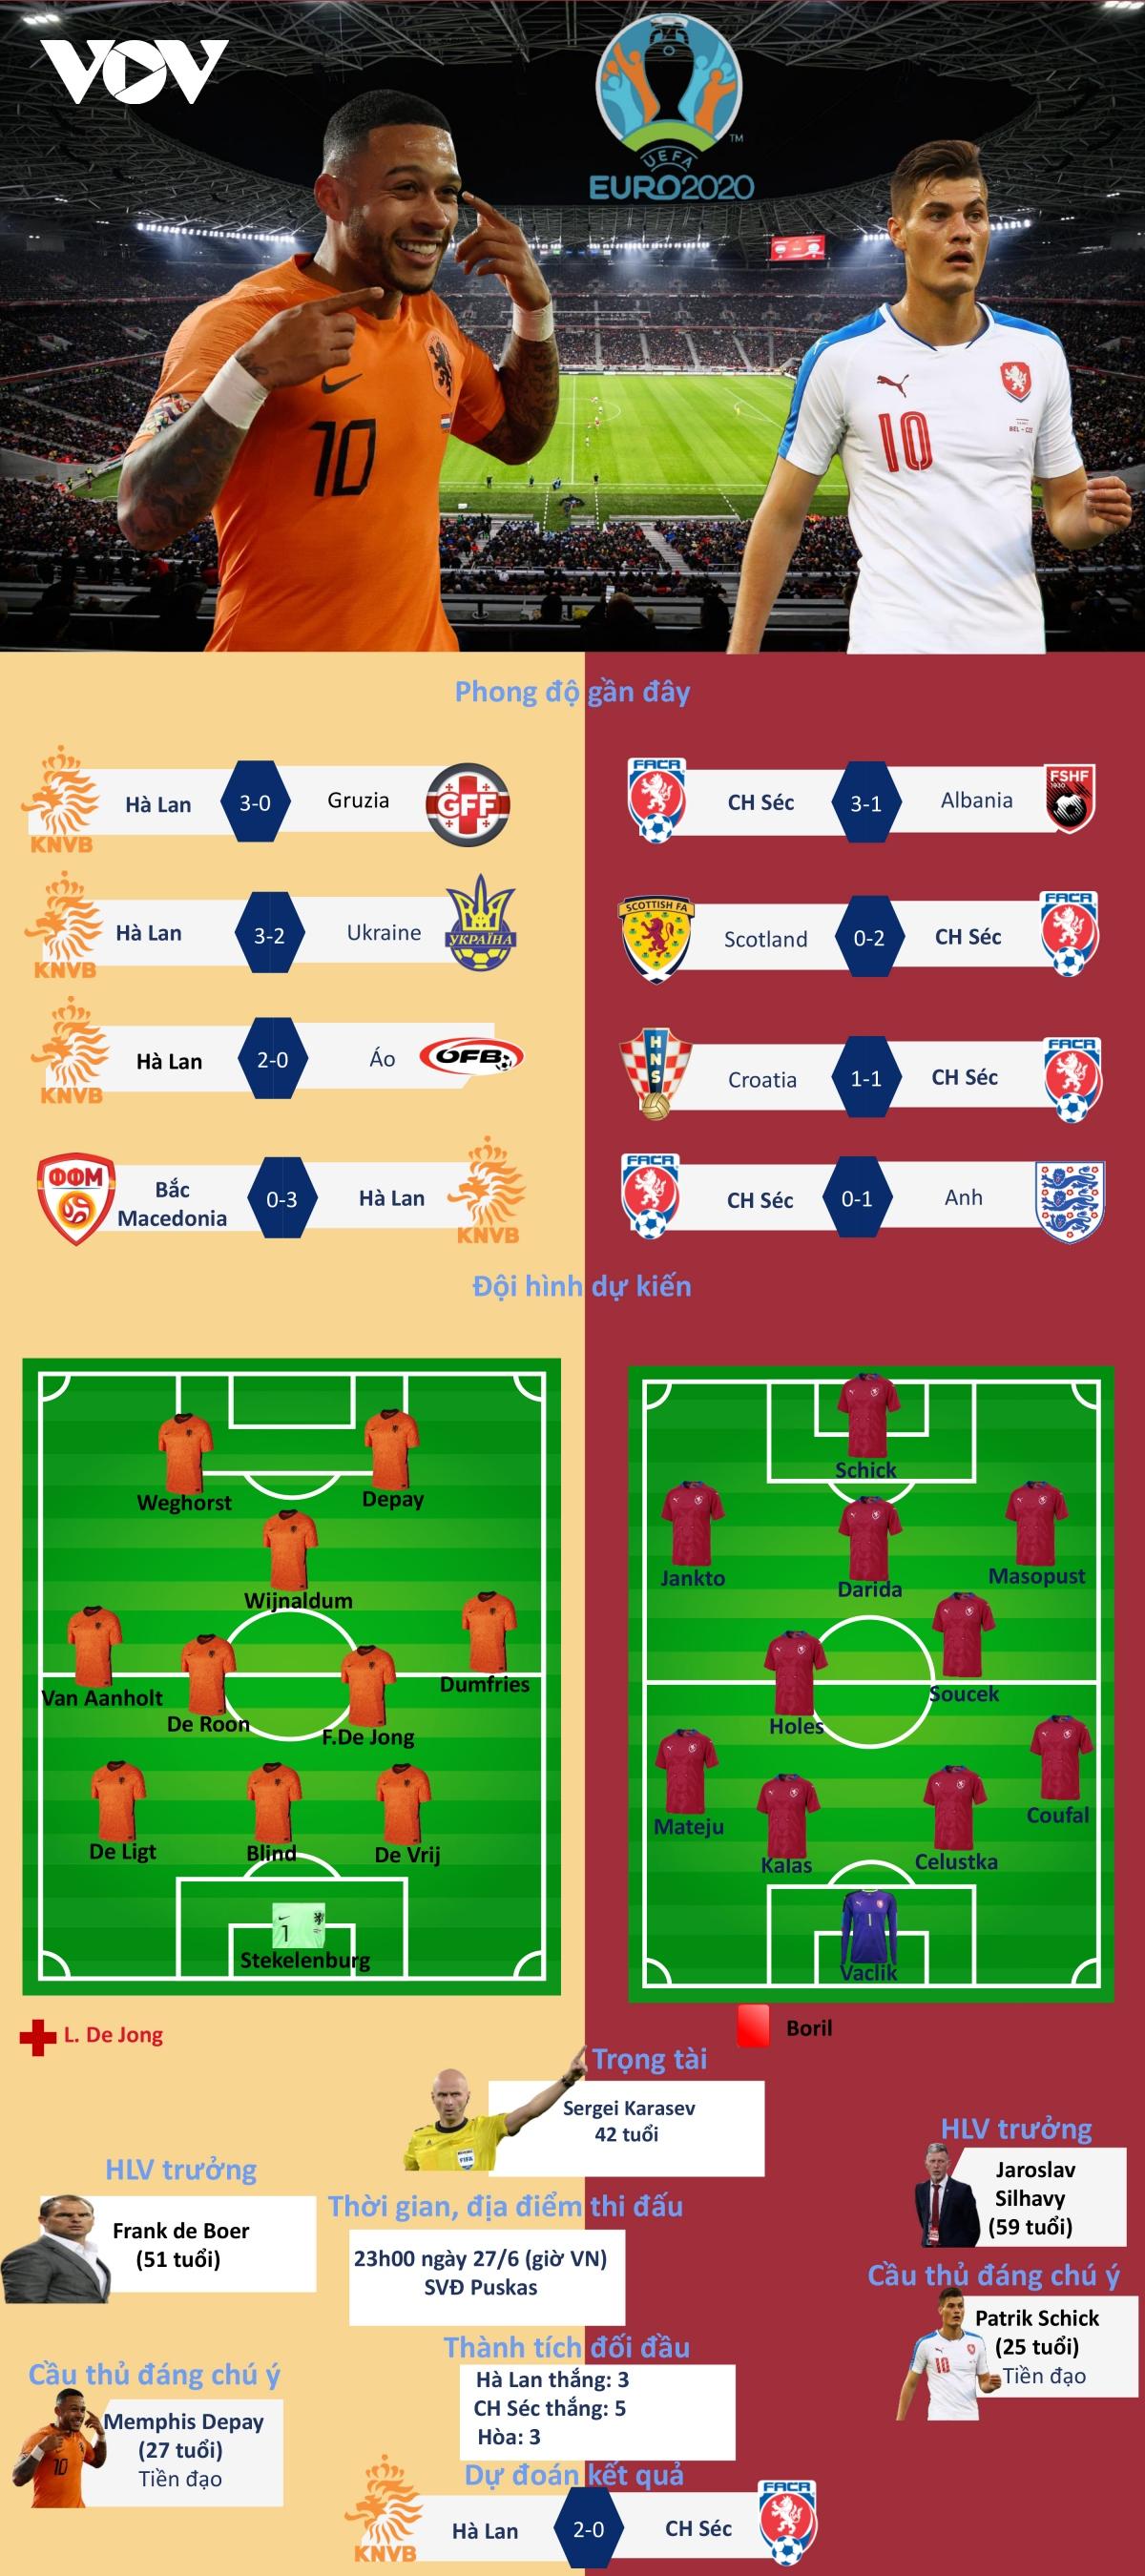 Nhận định Hà Lan vs CH Séc vòng 1/8 EURO 2021